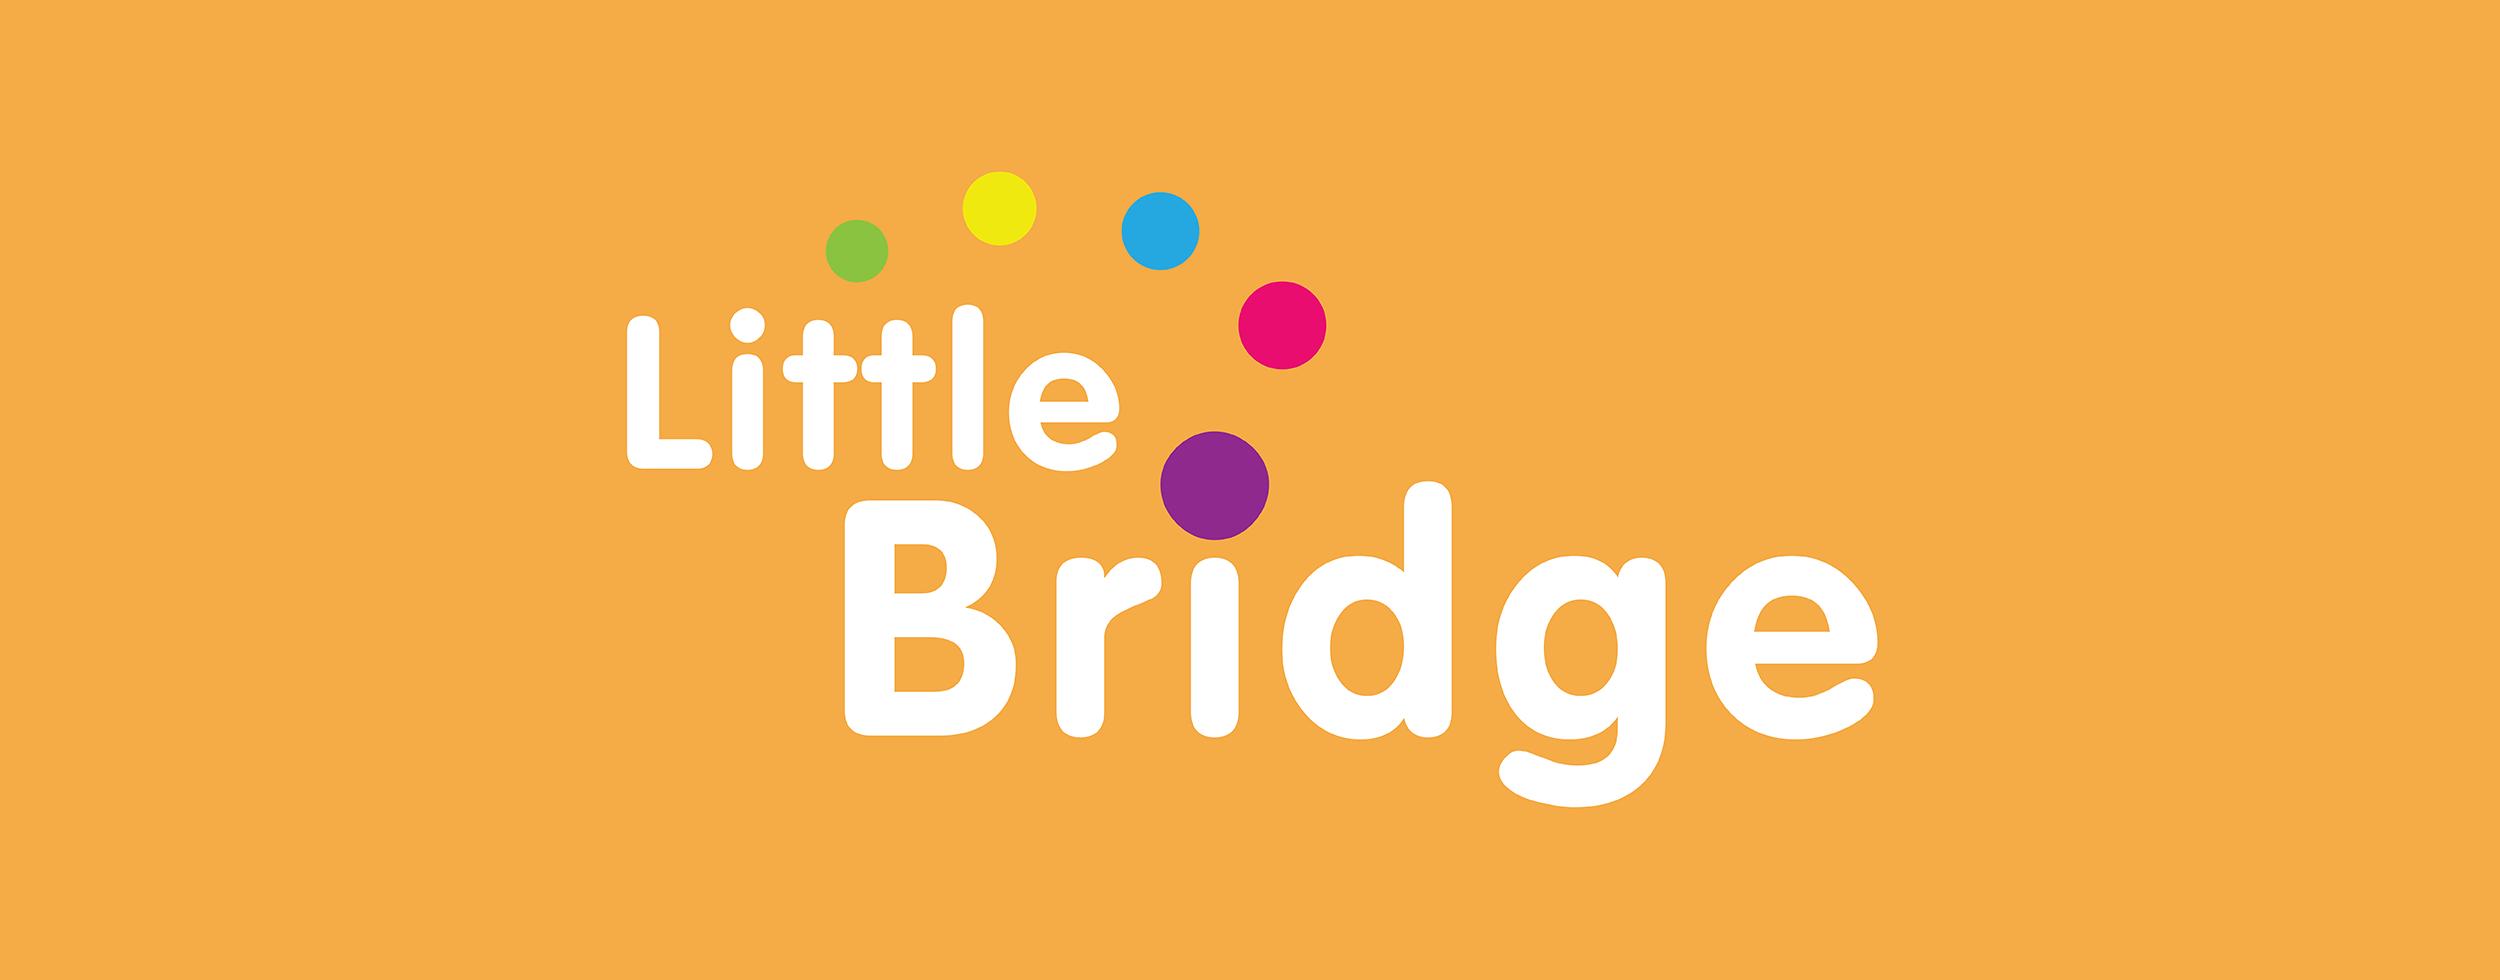 little bridge logo